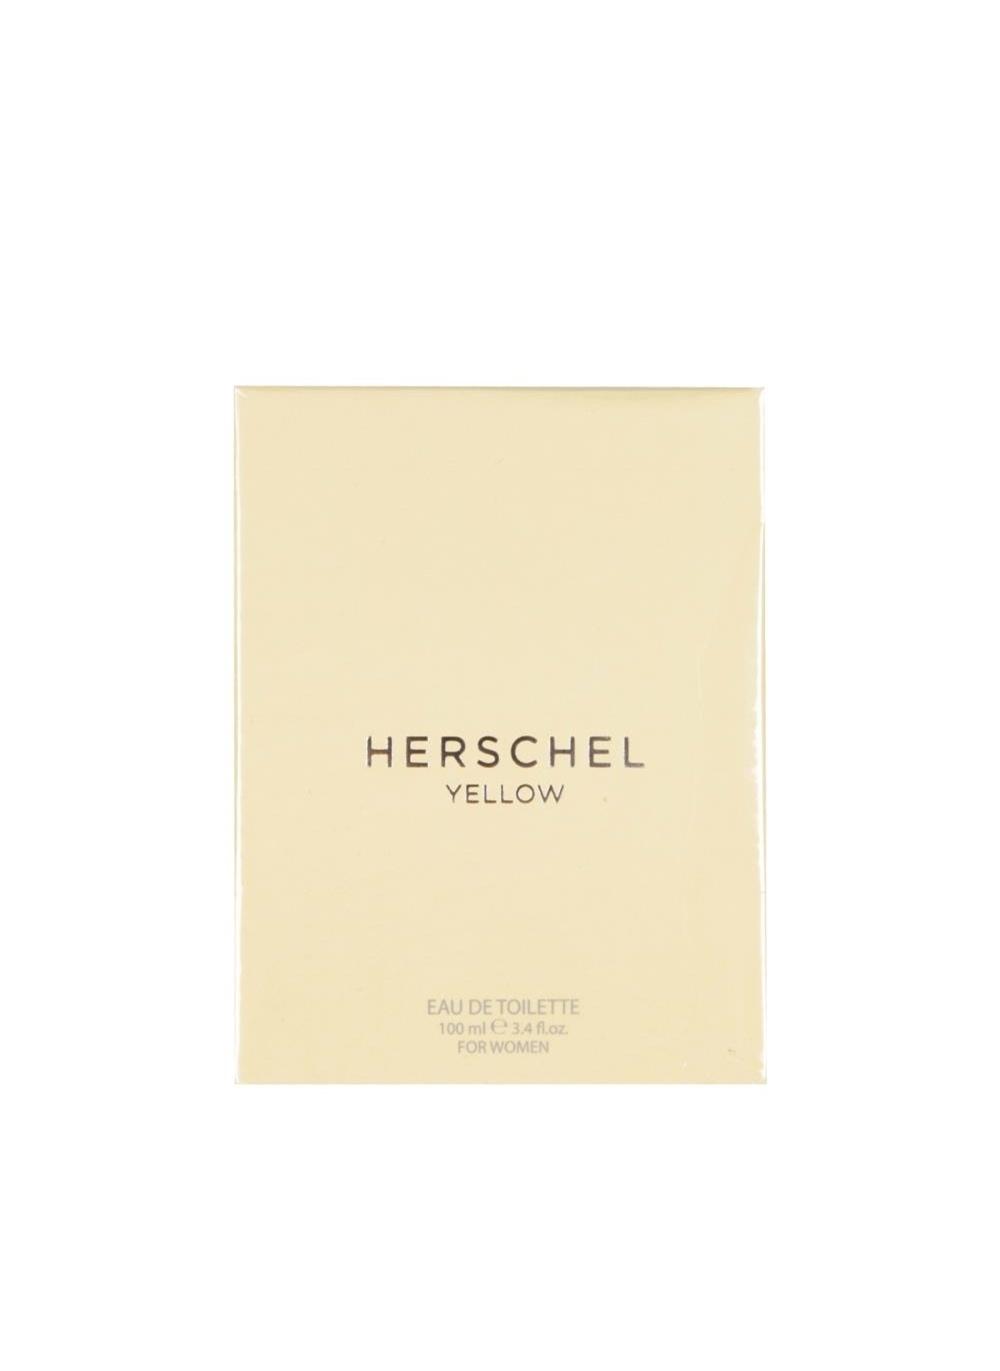 Kadın Herschel Parfüm